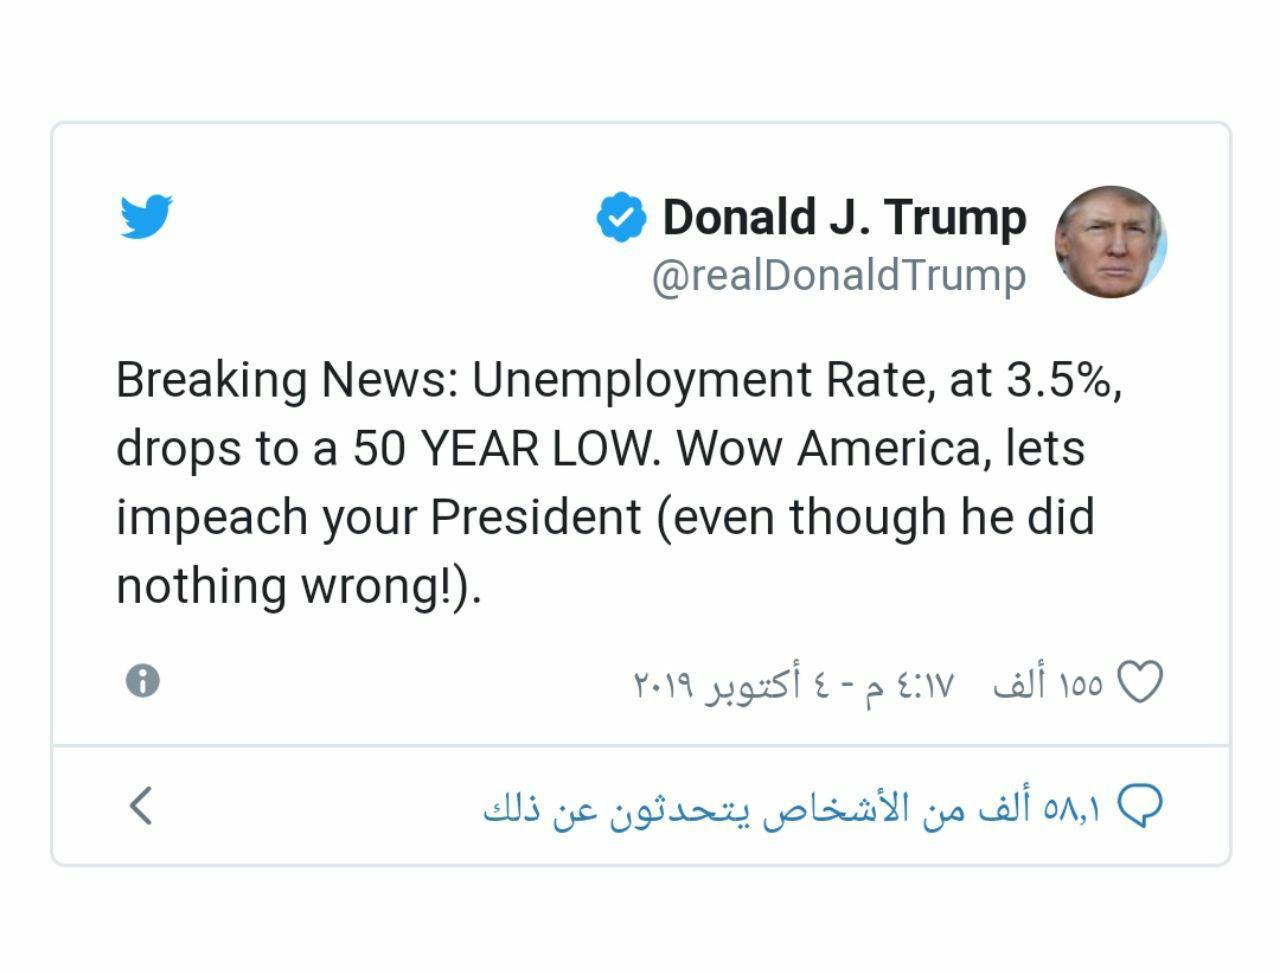 بیکاری در آمریکا: کمترین در 50 سال اخیر